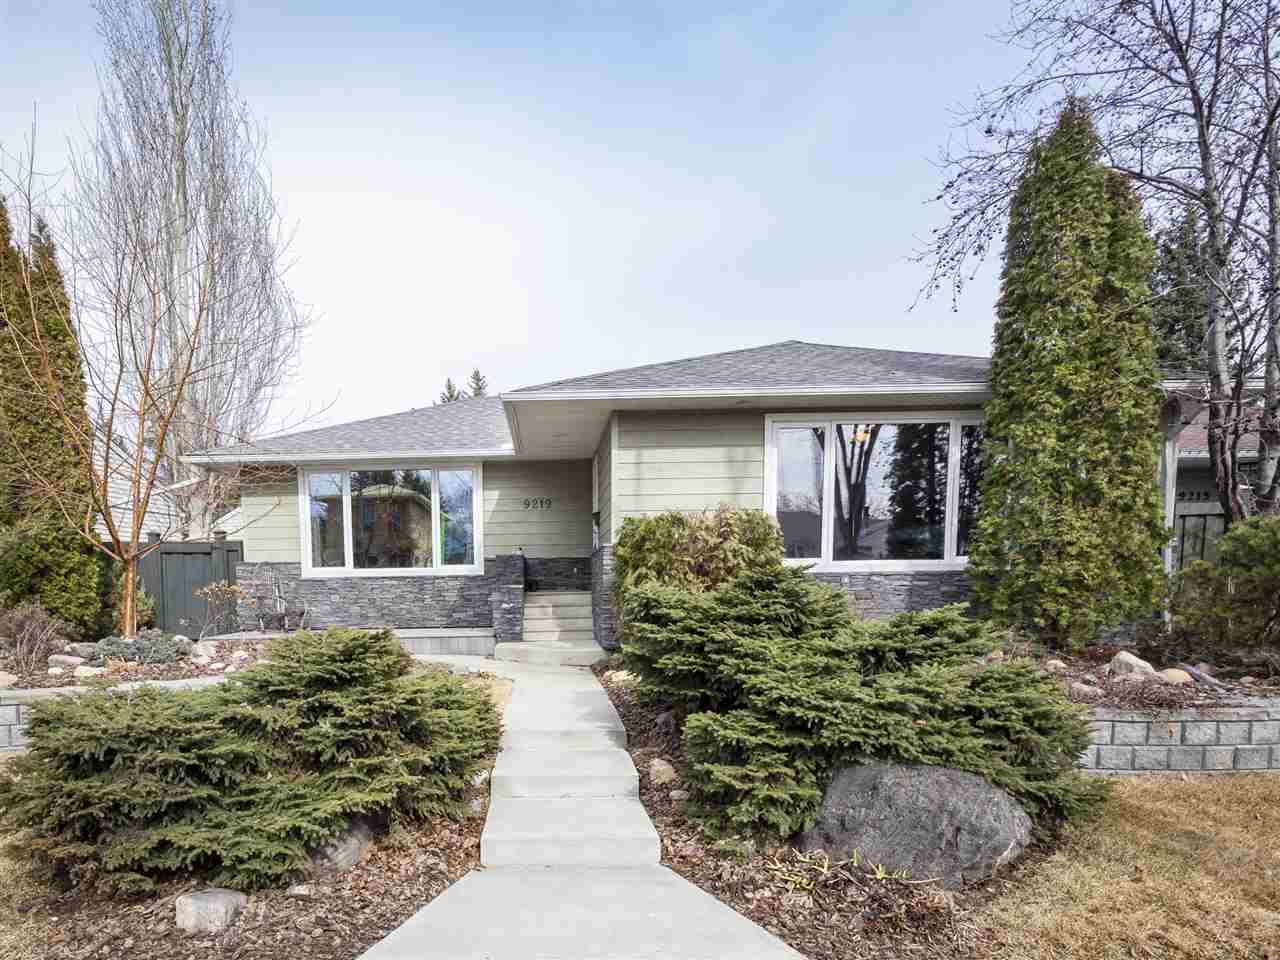 9219 146 Street, Edmonton, AB T5R 0W4